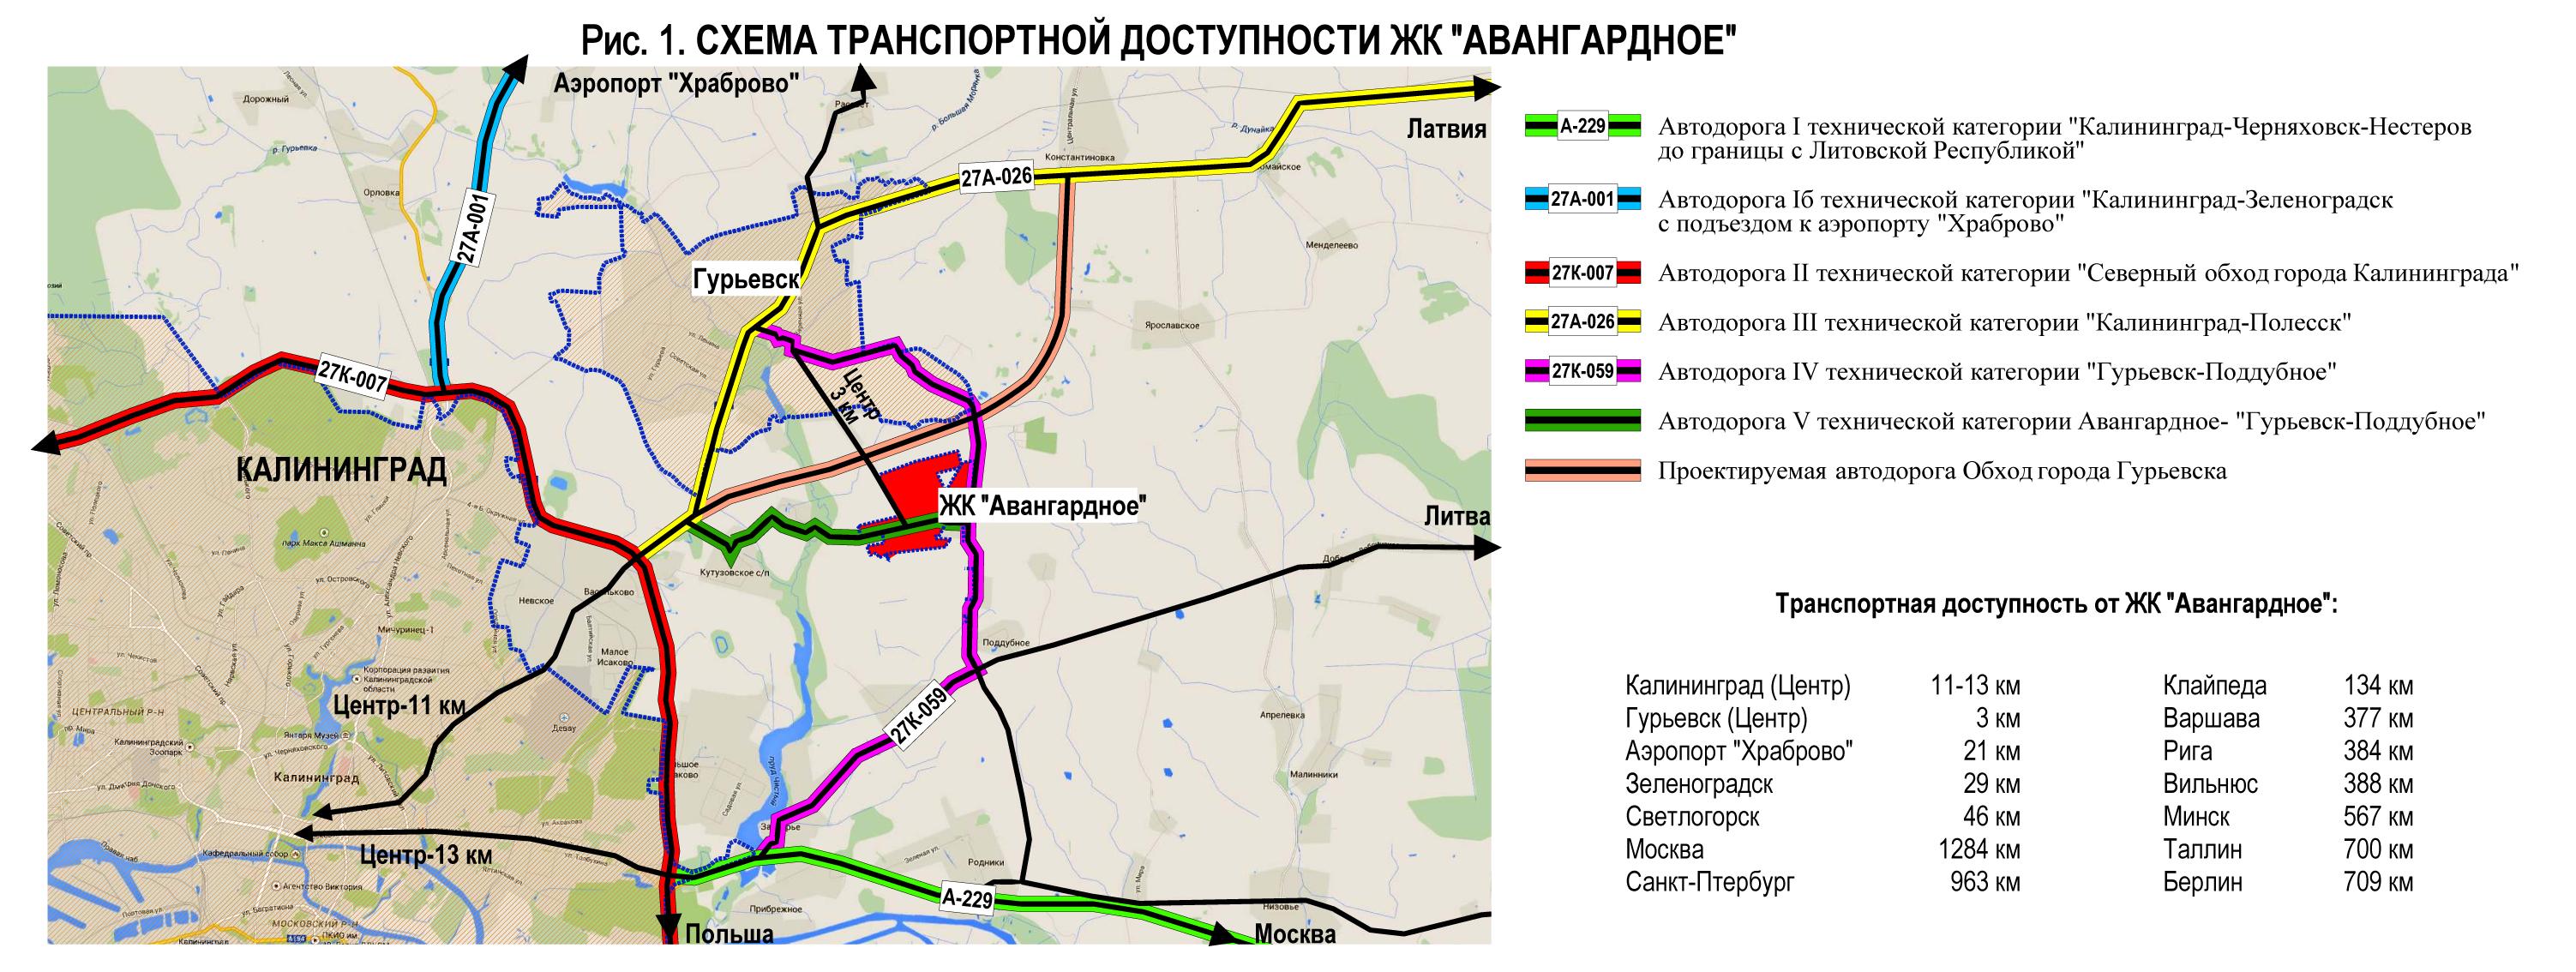 калининград транспортная схема